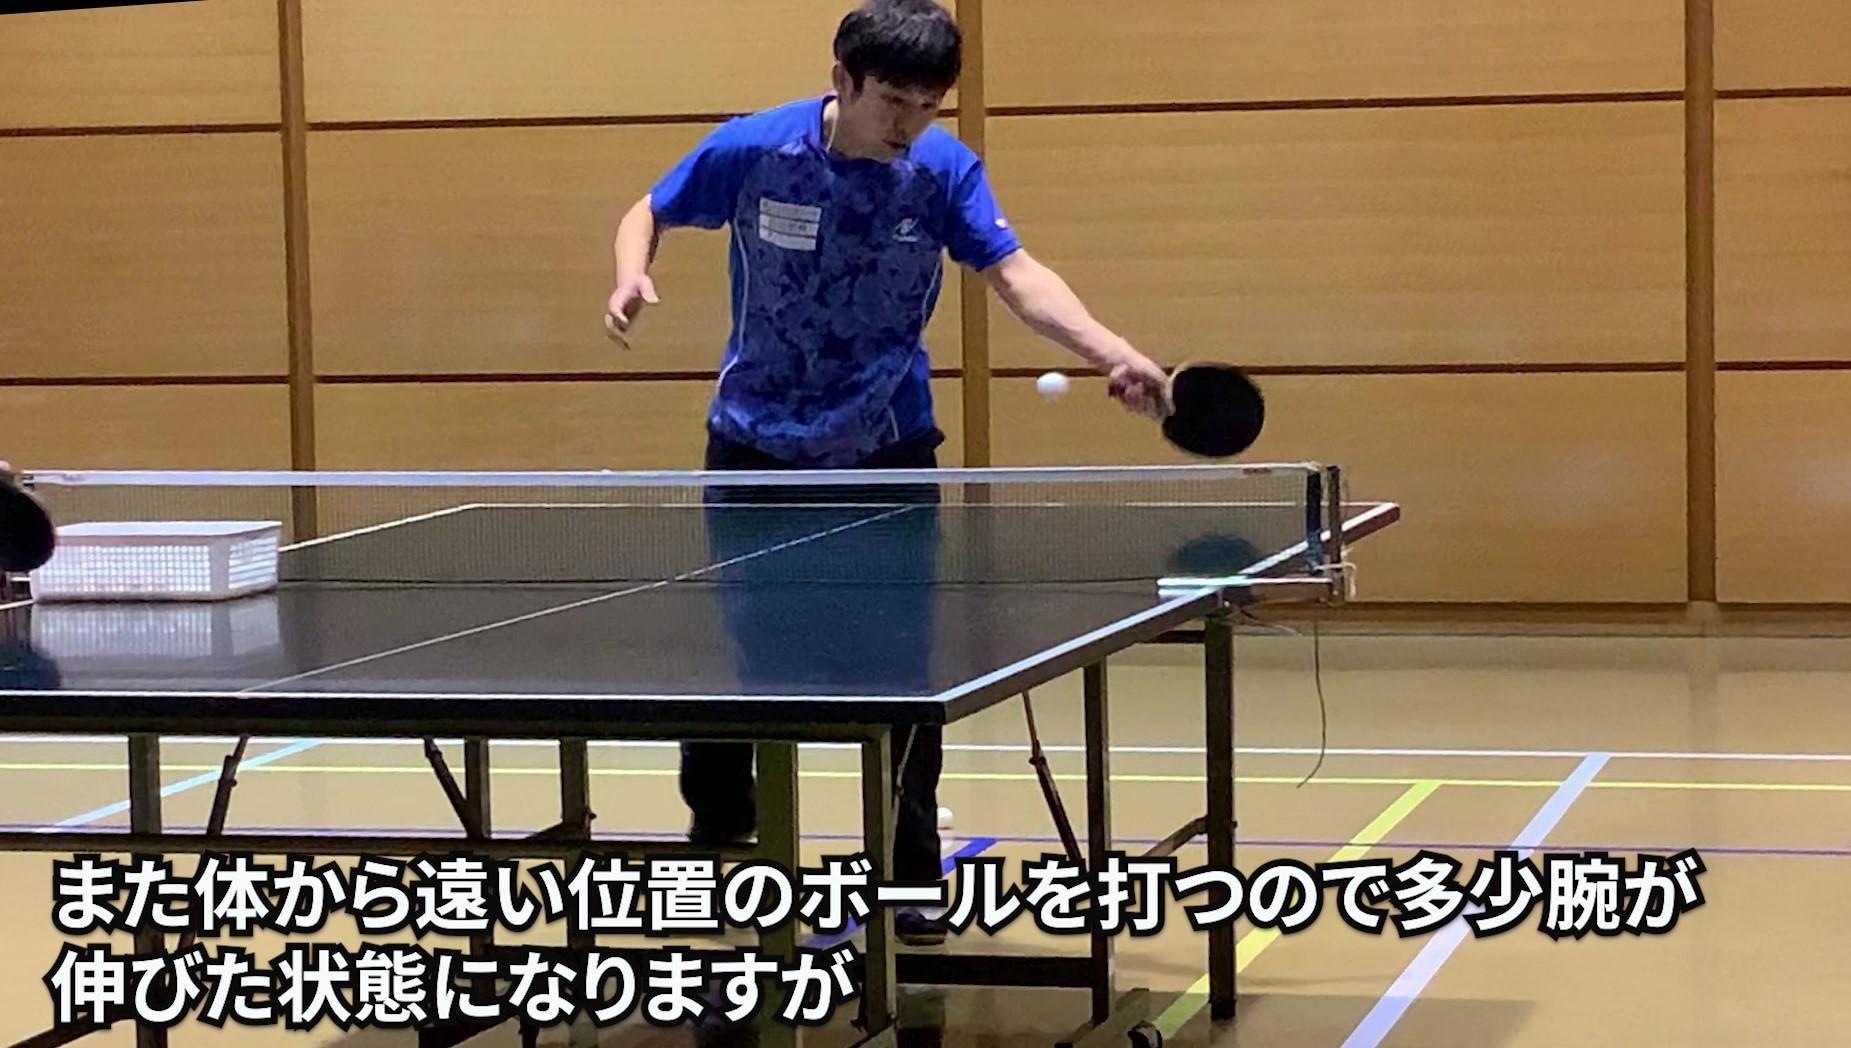 【卓球動画】飛びつきフリック